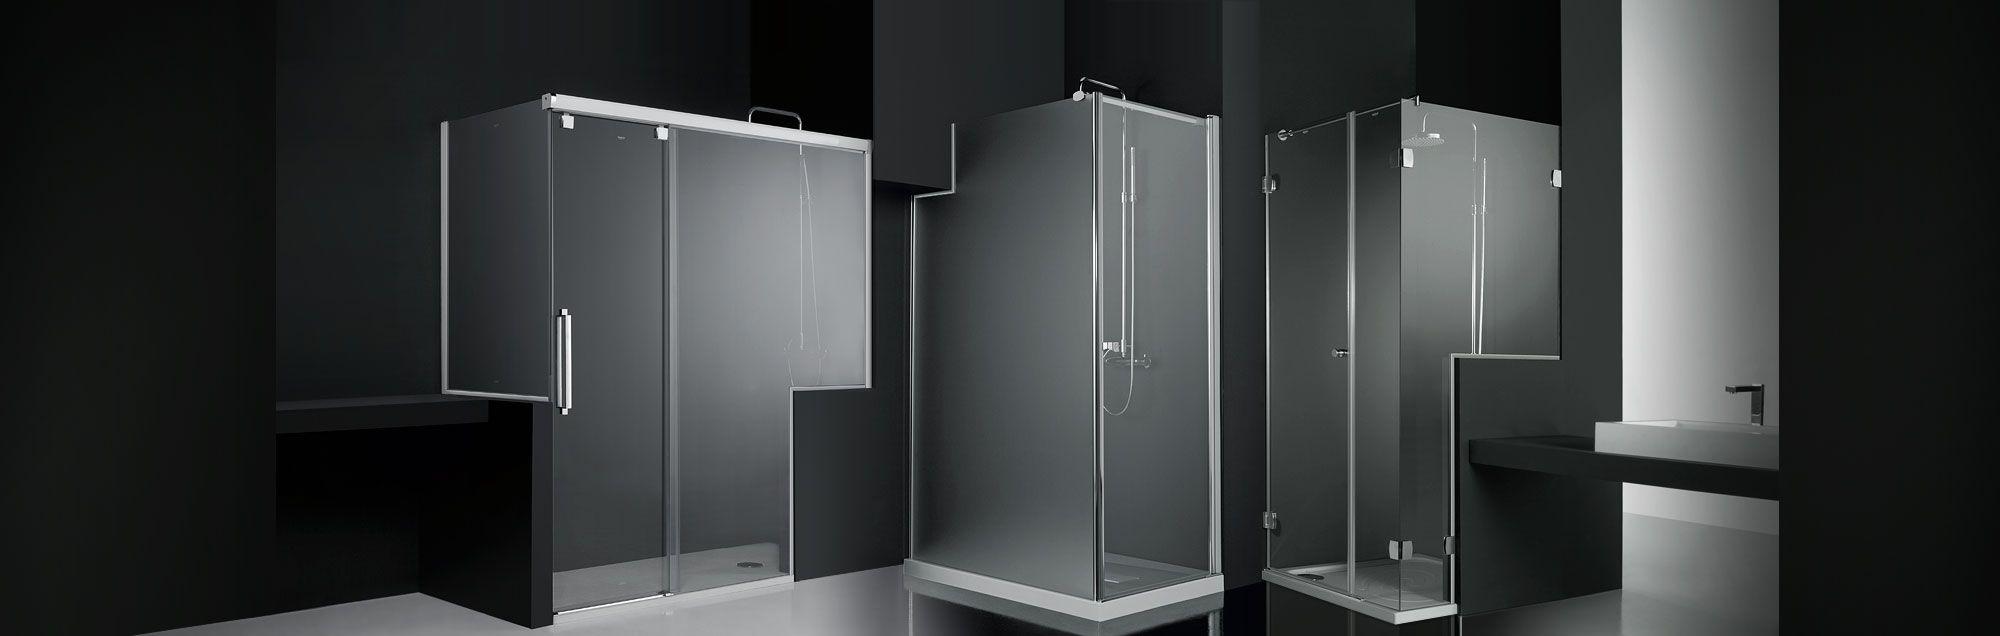 Mamparas para ducha y ba era con soluciones especiales de - Pegatinas para mamparas de bano ...